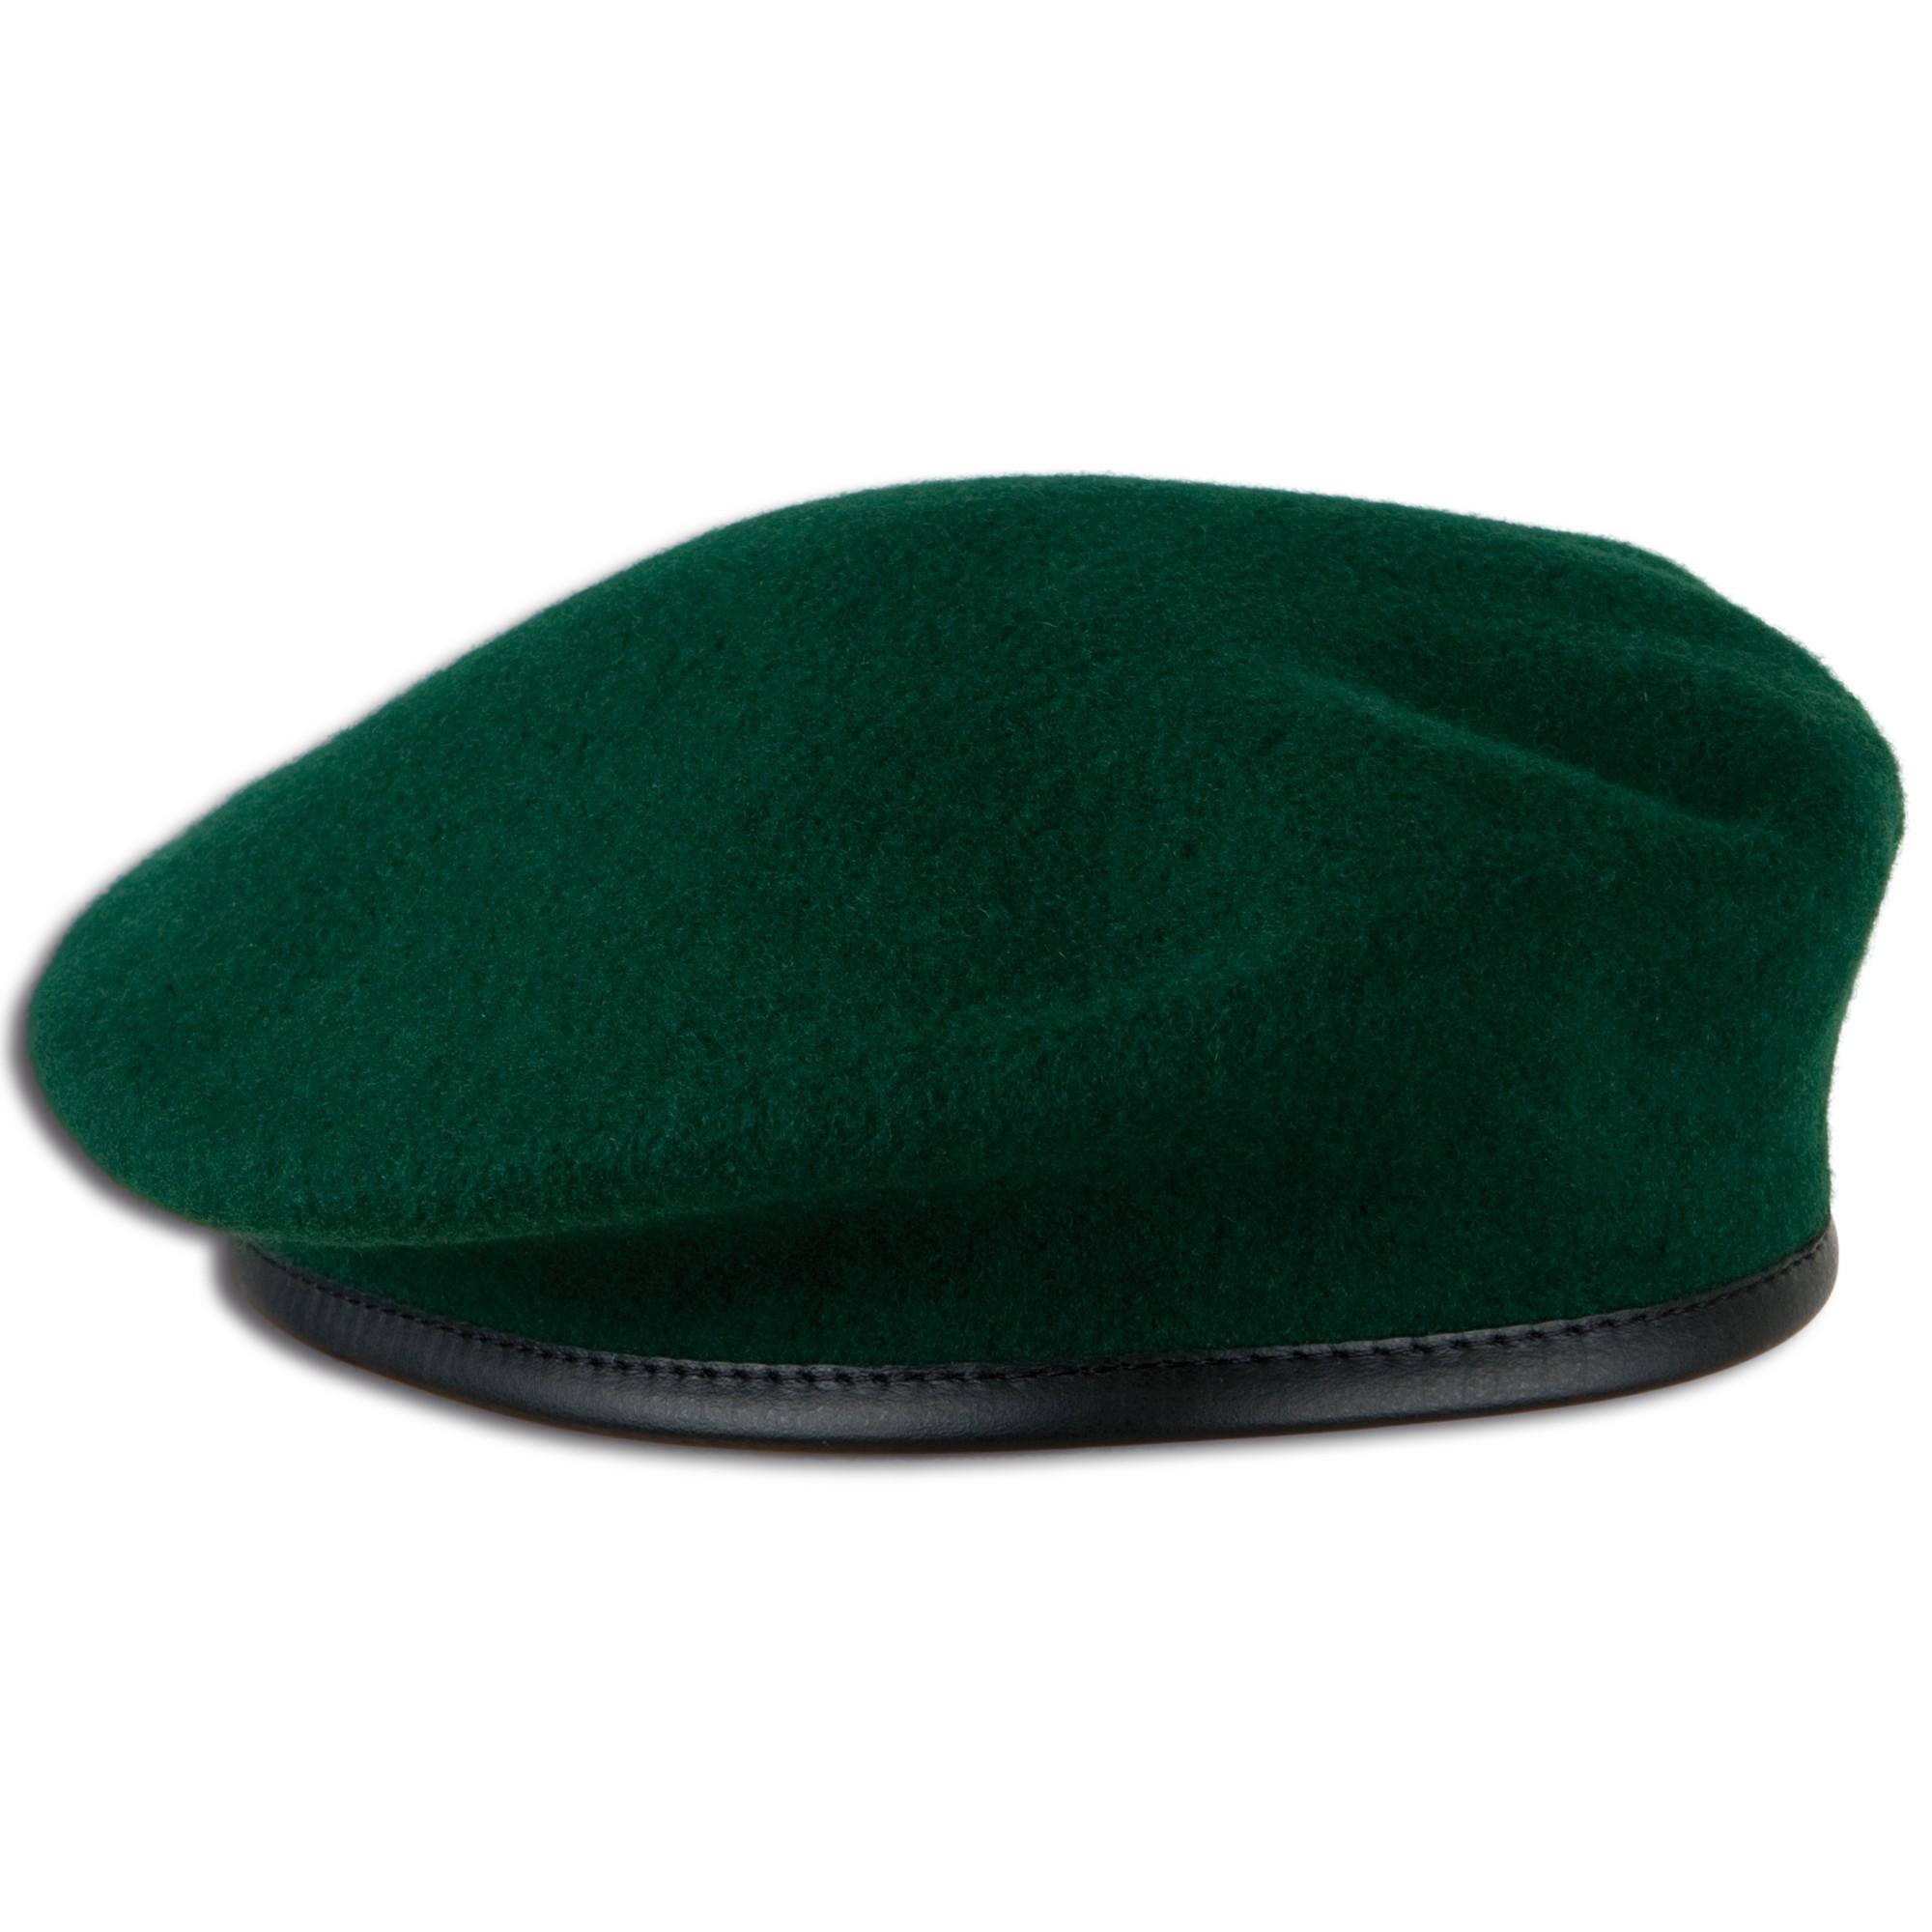 Kommando Barett jägergrün